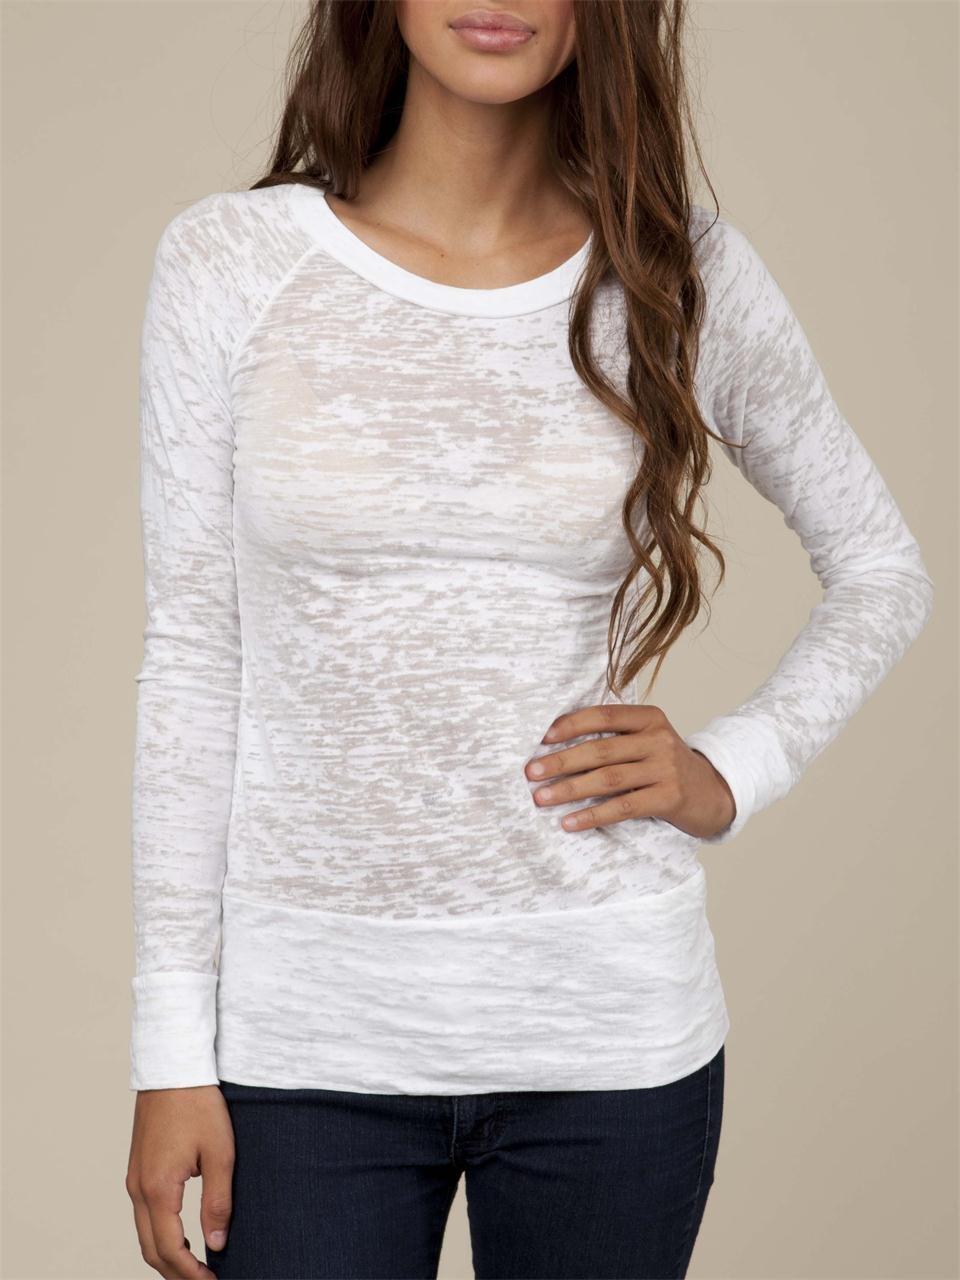 Sleeveless White Shirt Womens